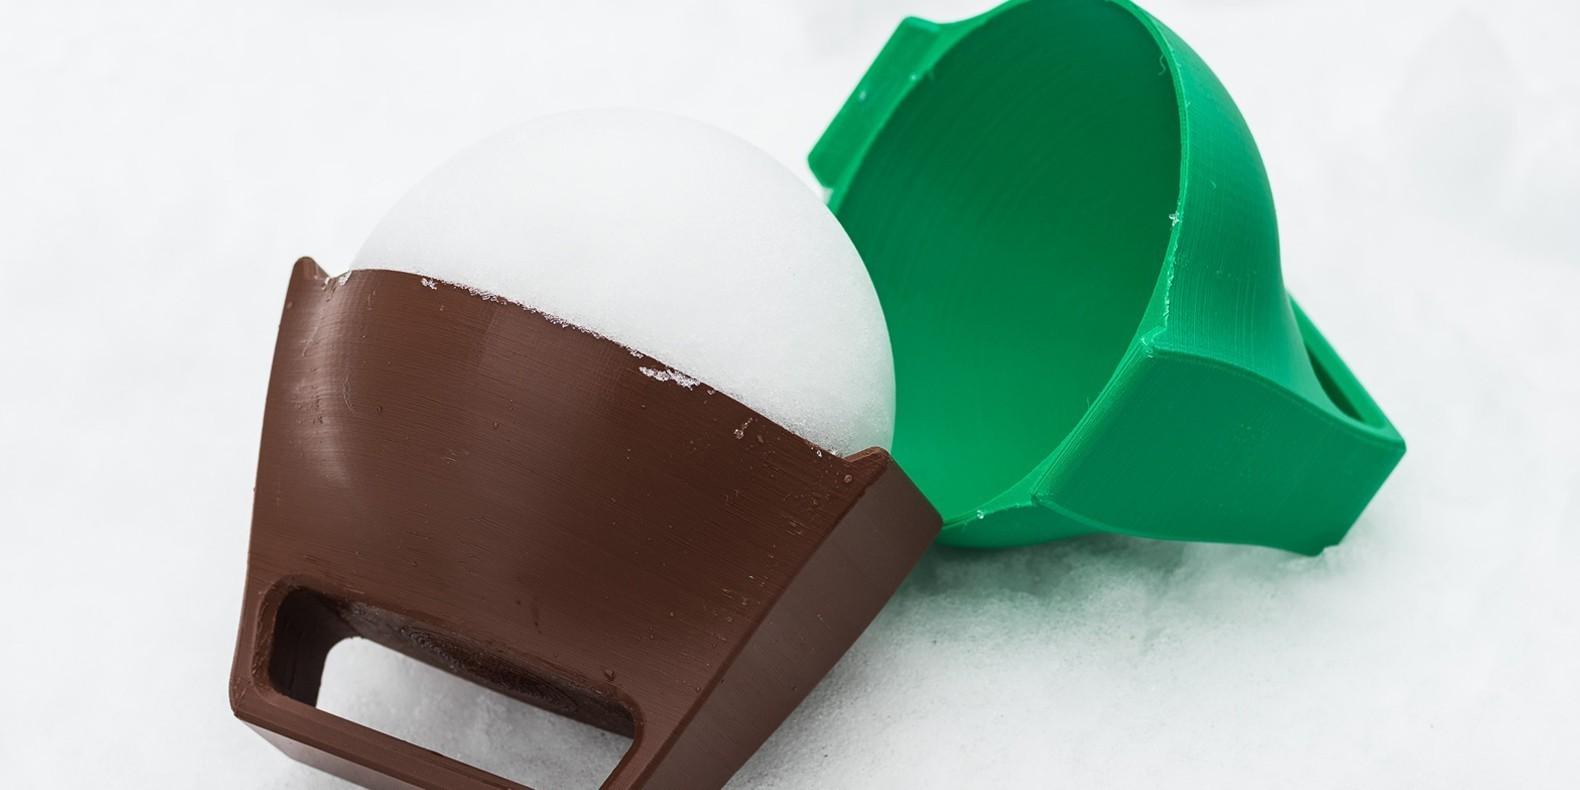 Encuentre aquí una selección de los mejores modelos 3D de nieve e invierno para hacer con una impresora 3D